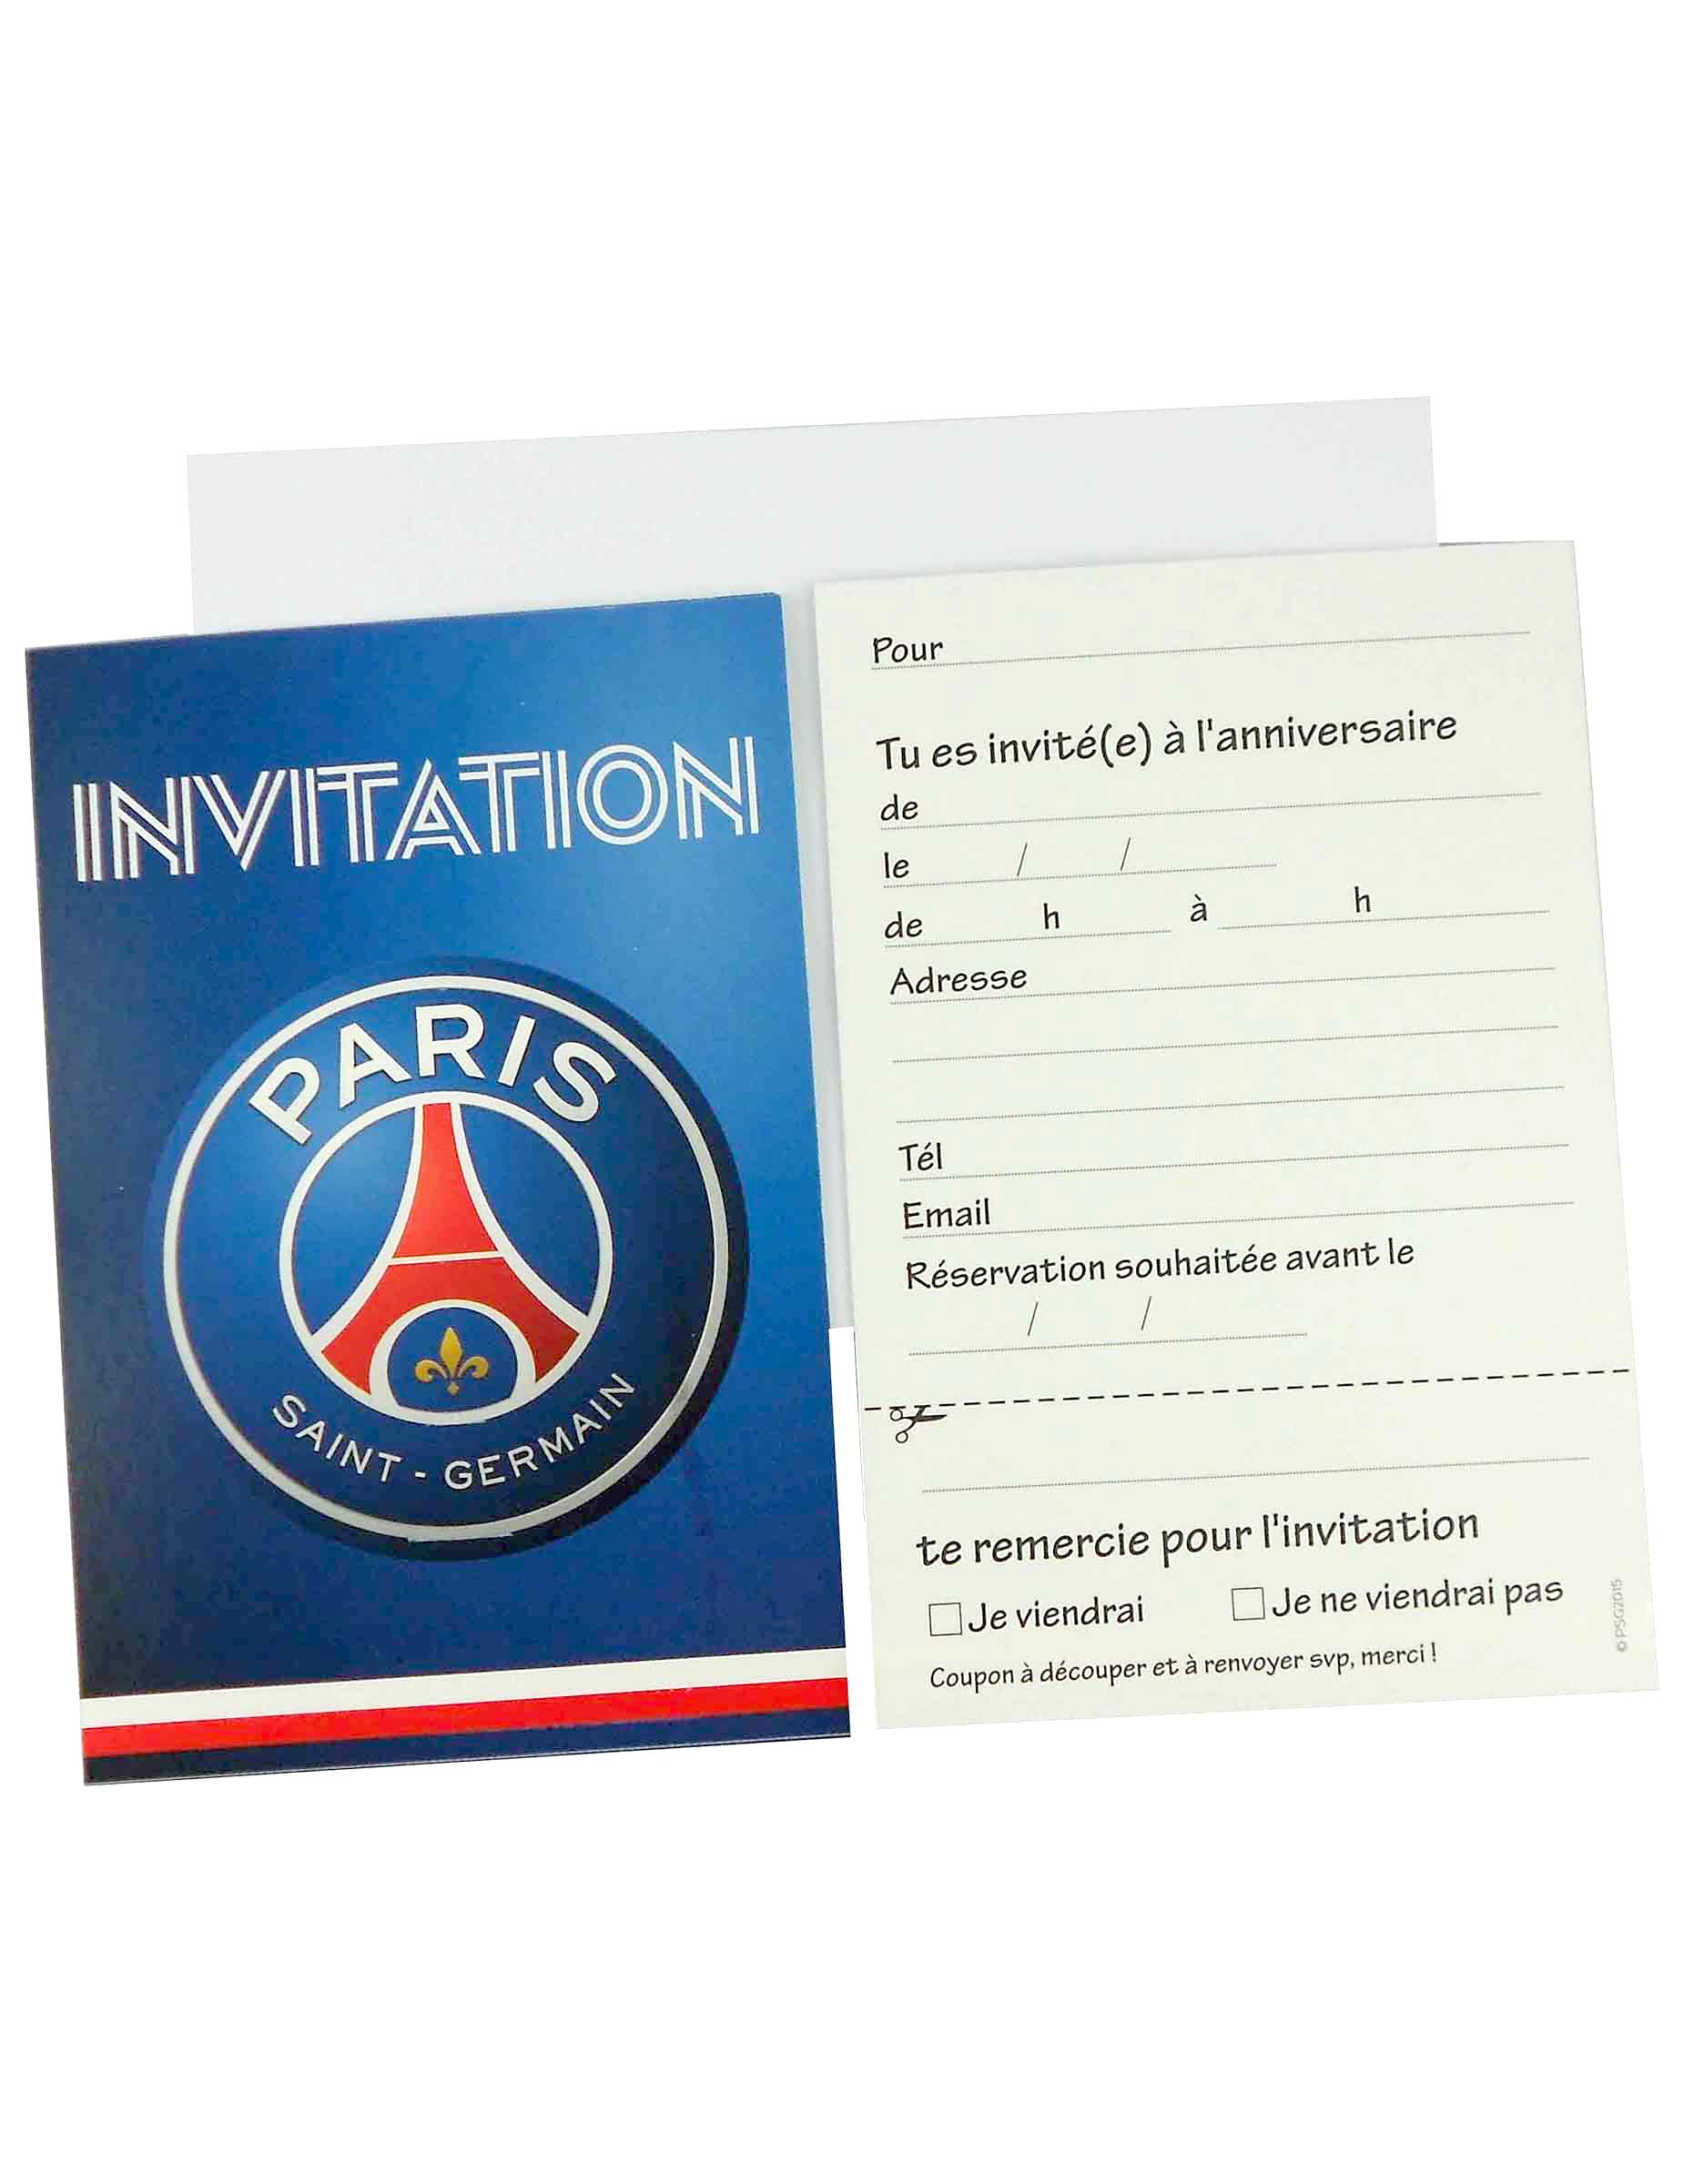 6 Cartes d'invitation + 6 enveloppes PSG™, achat de Decoration / Animation sur VegaooPro ...